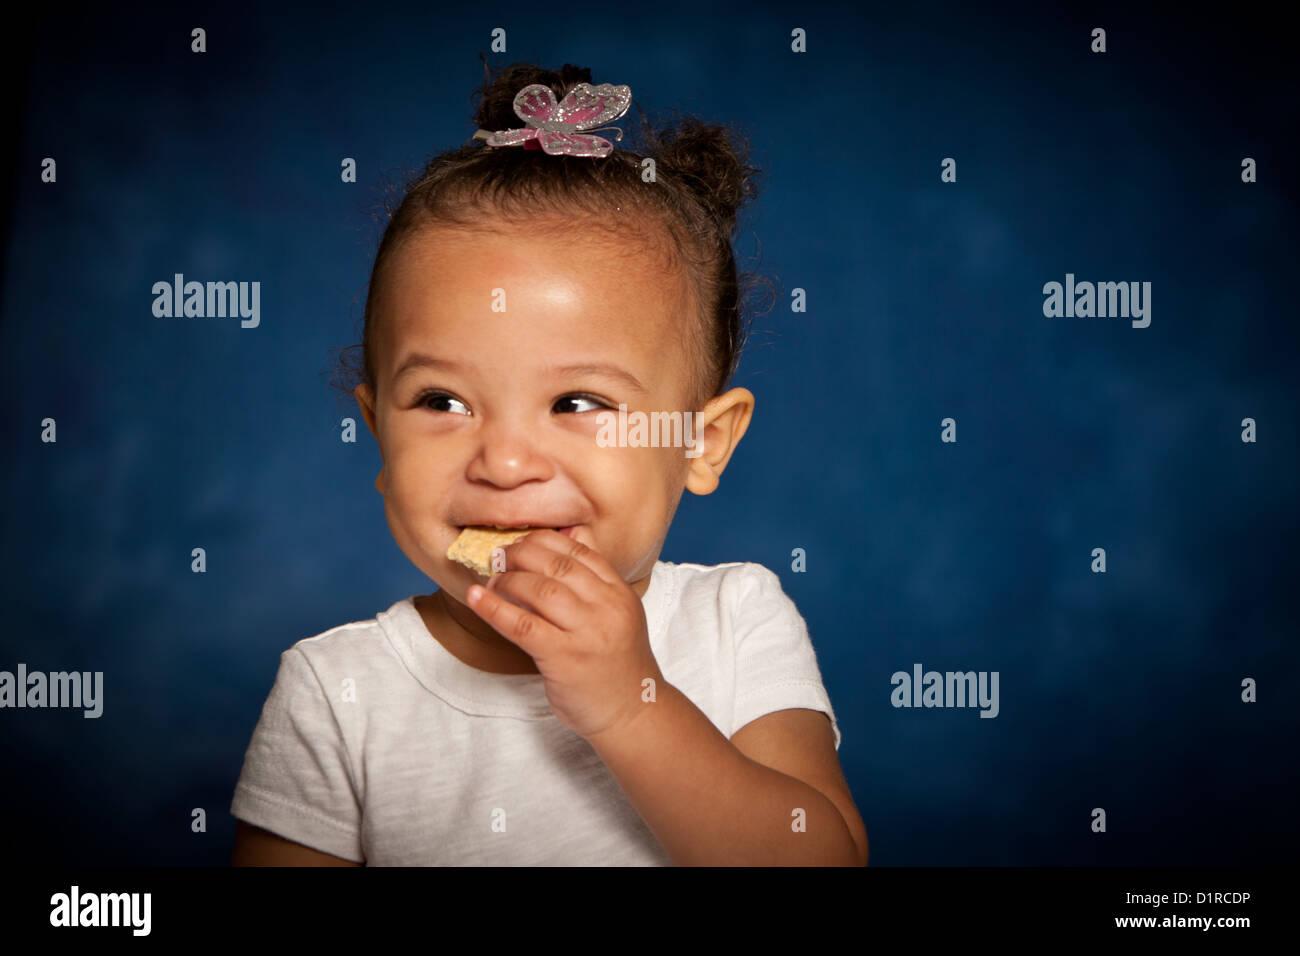 Nettes Studioportrait eine Mischrasse Kleinkind Mädchen essen einen Keks mit einem frechen Lächeln auf Stockbild